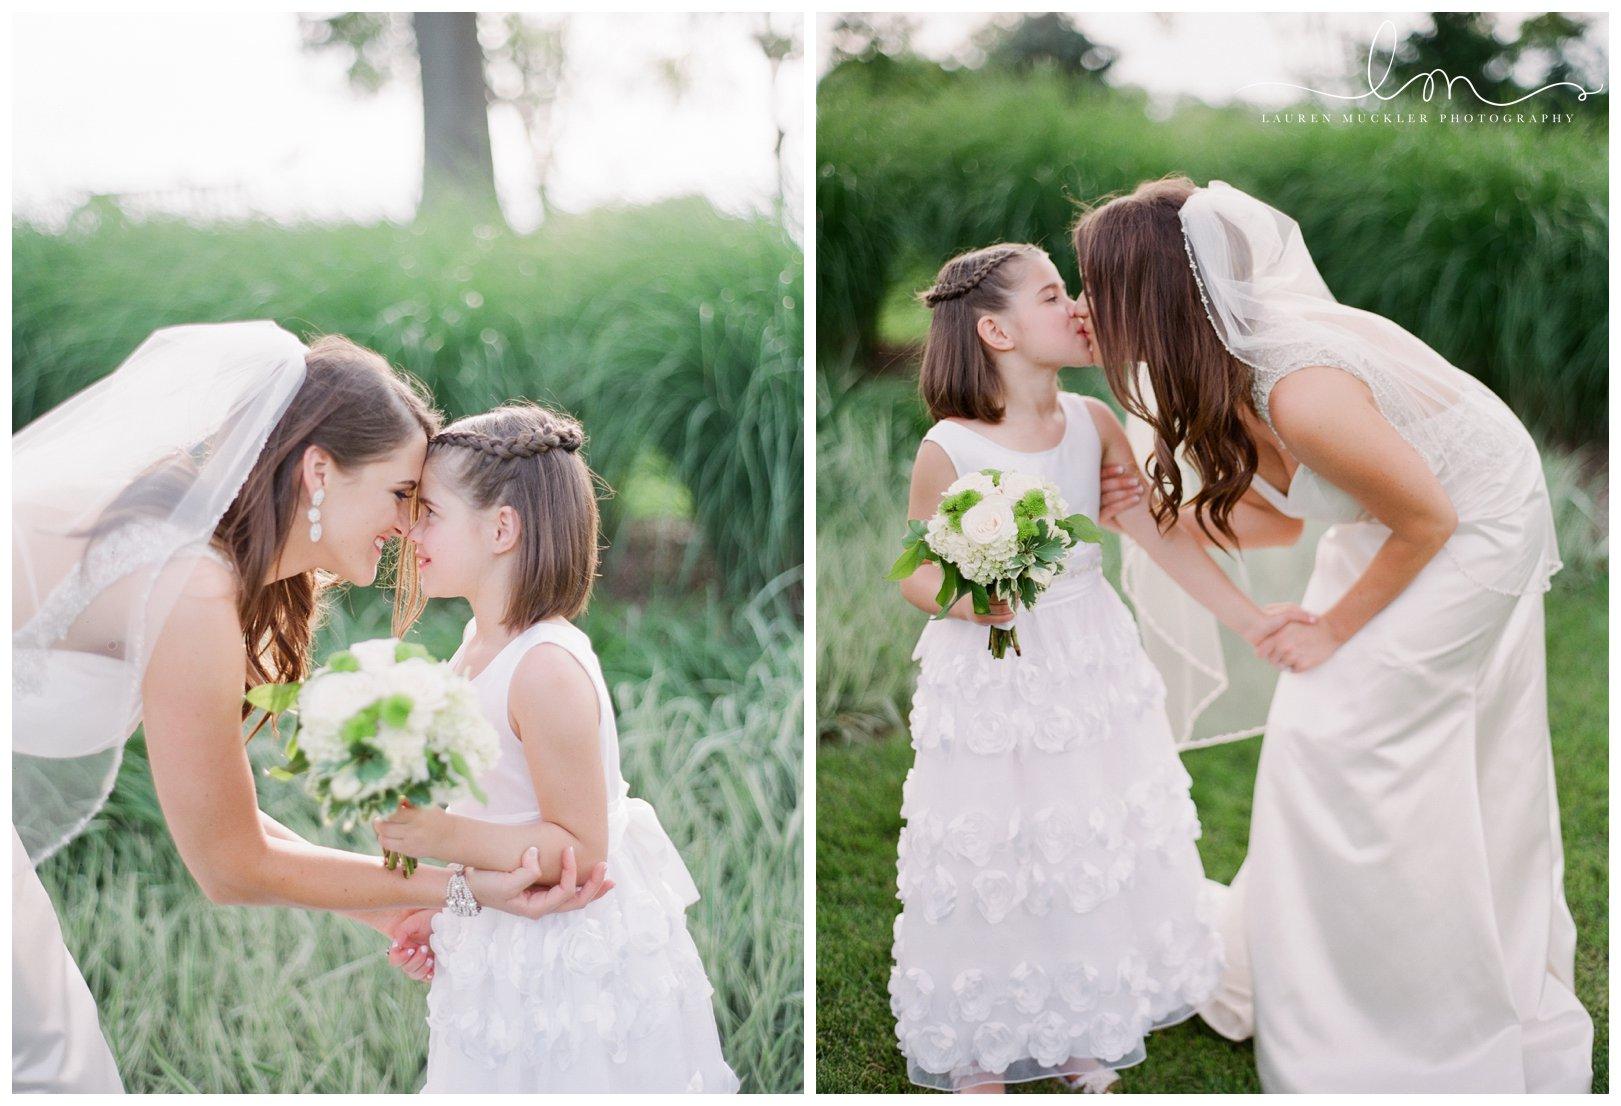 lauren muckler photography_fine art film wedding photography_st louis_photography_0233.jpg